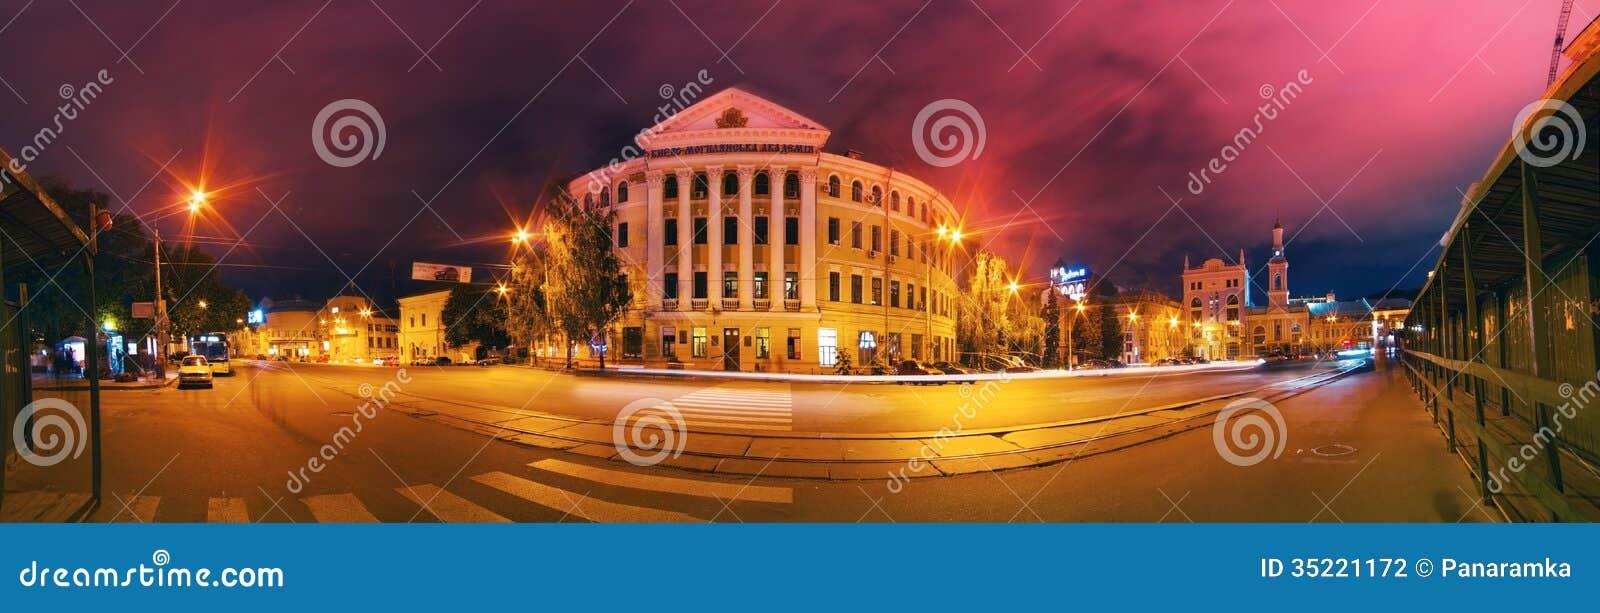 Panorama för Kyiv Mohyla akademiafton